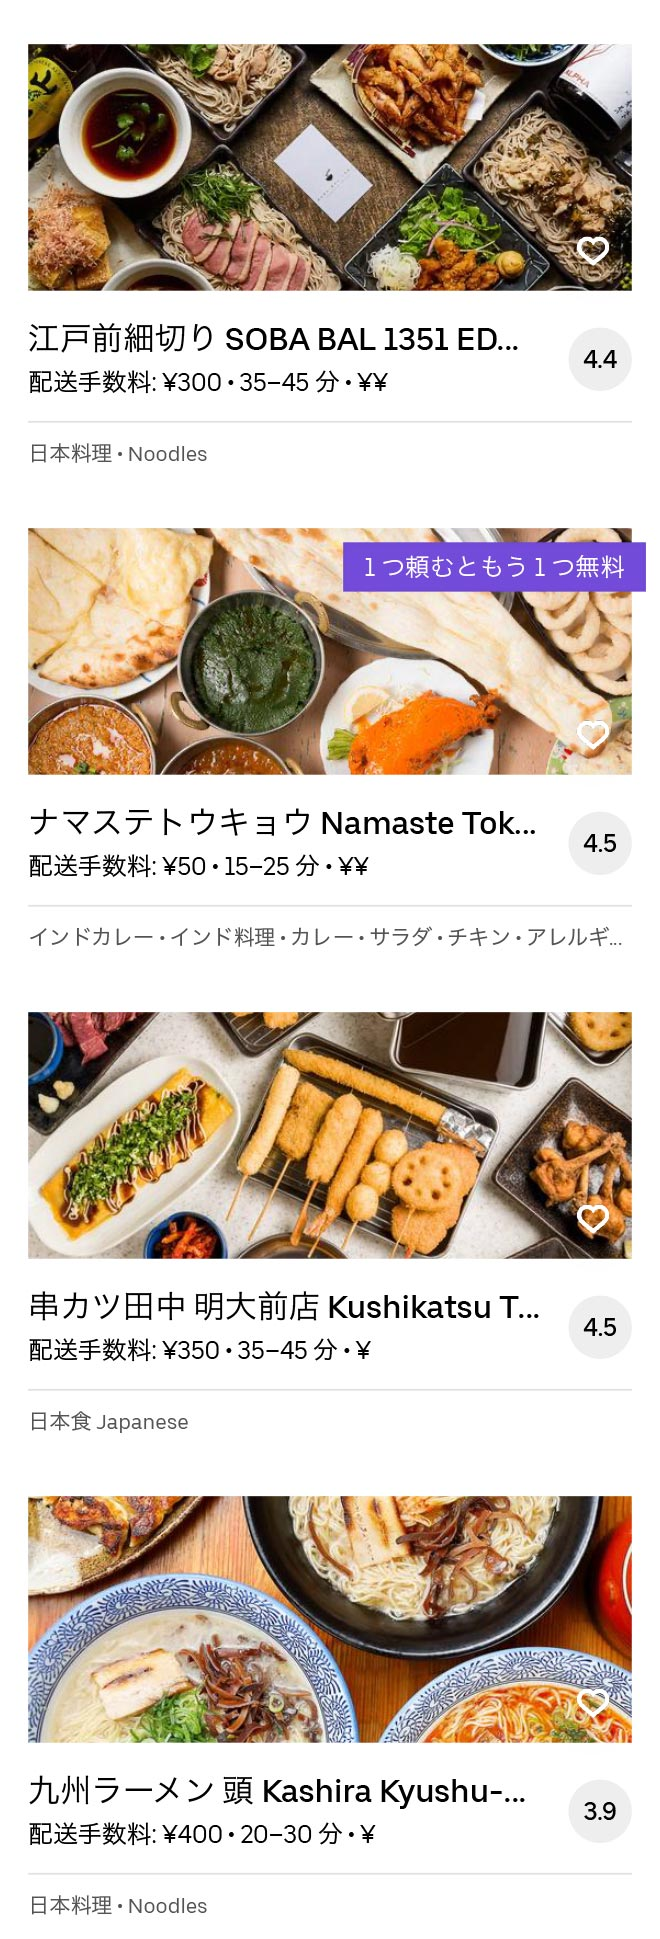 Tokyo kyodo menu 2005 08